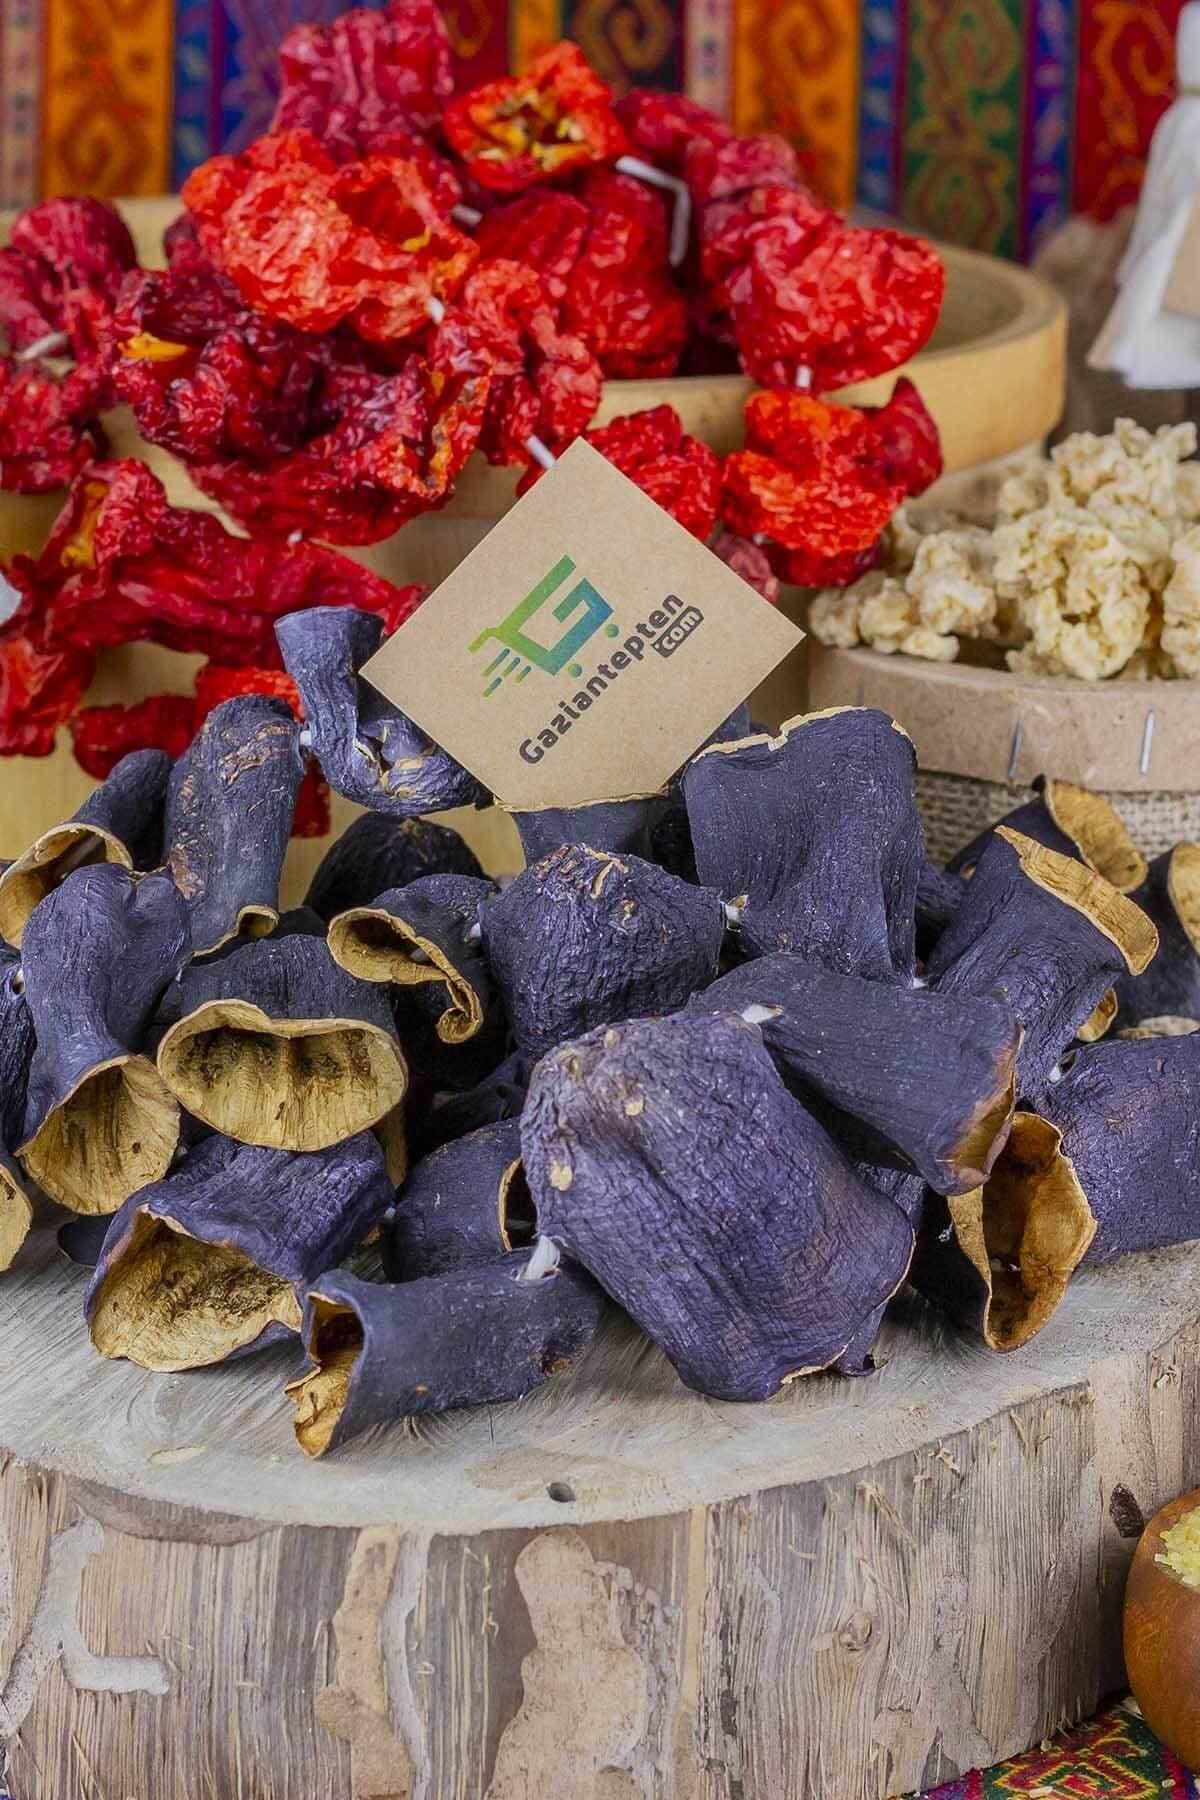 Gaziantepten Dolmalık Kuruluk Patlıcan 1 Bağ Dizi - 50 Adet 1